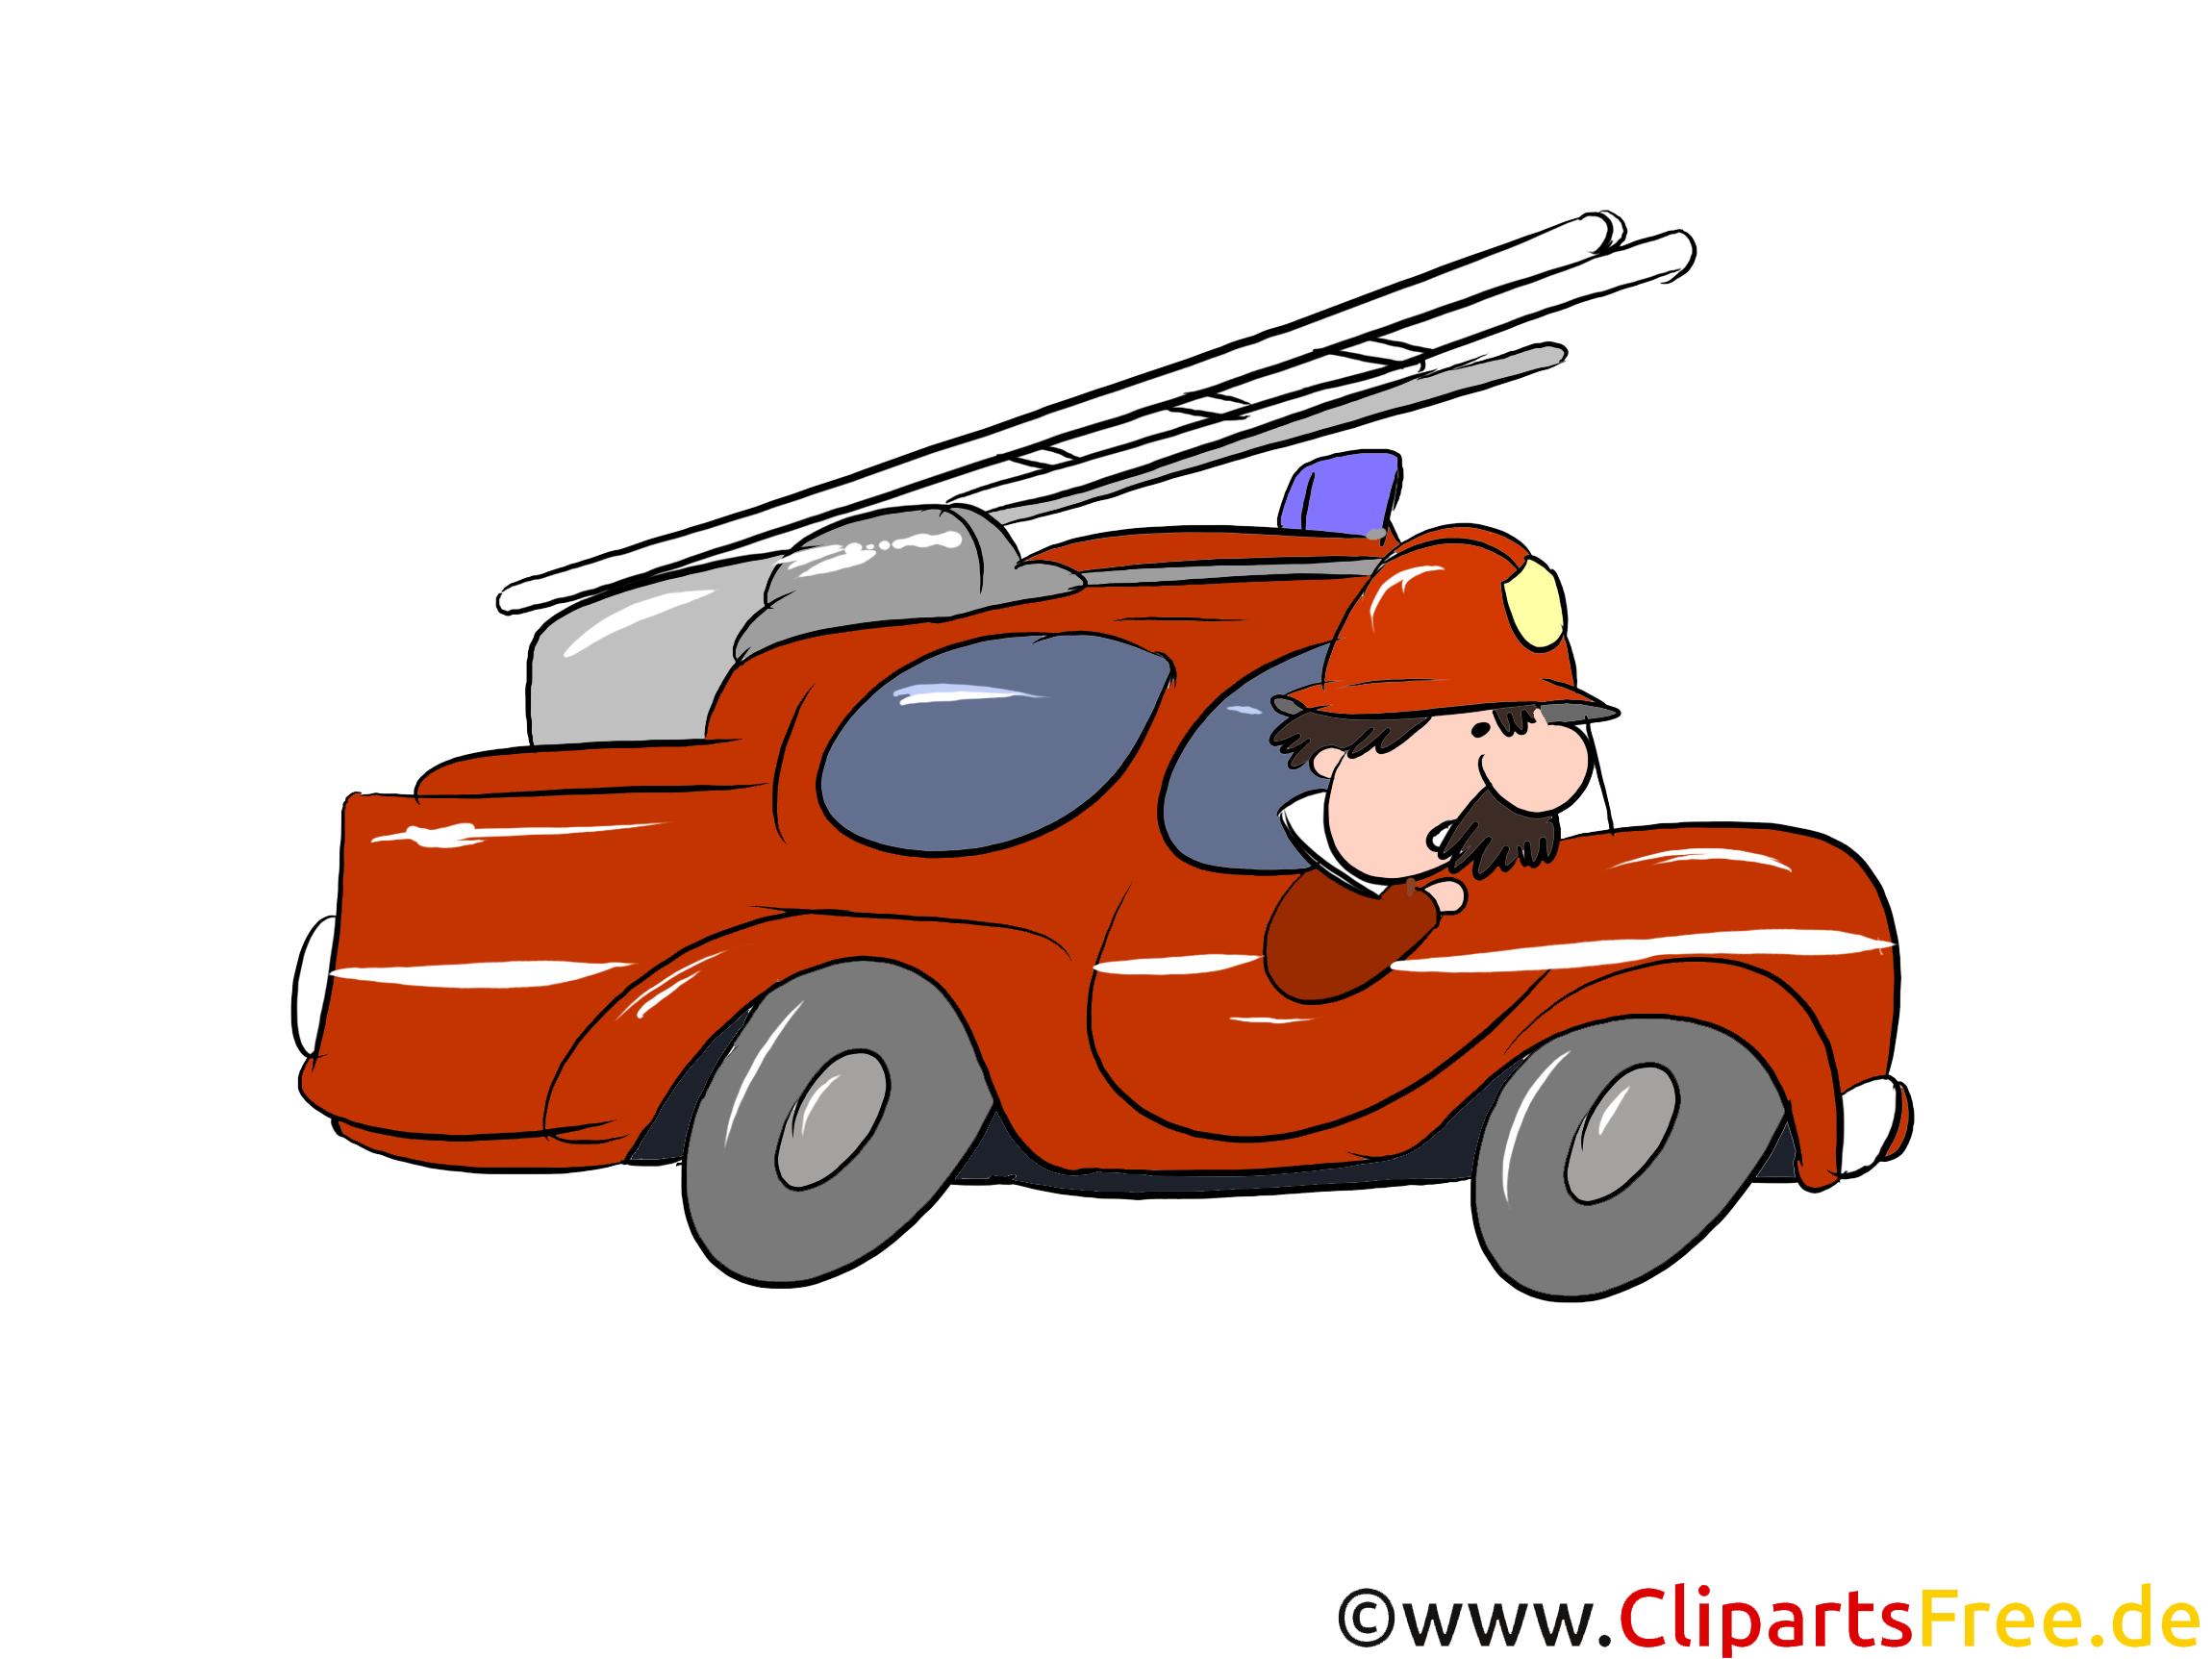 はしごで消防車。クリップアート、イラスト、絵